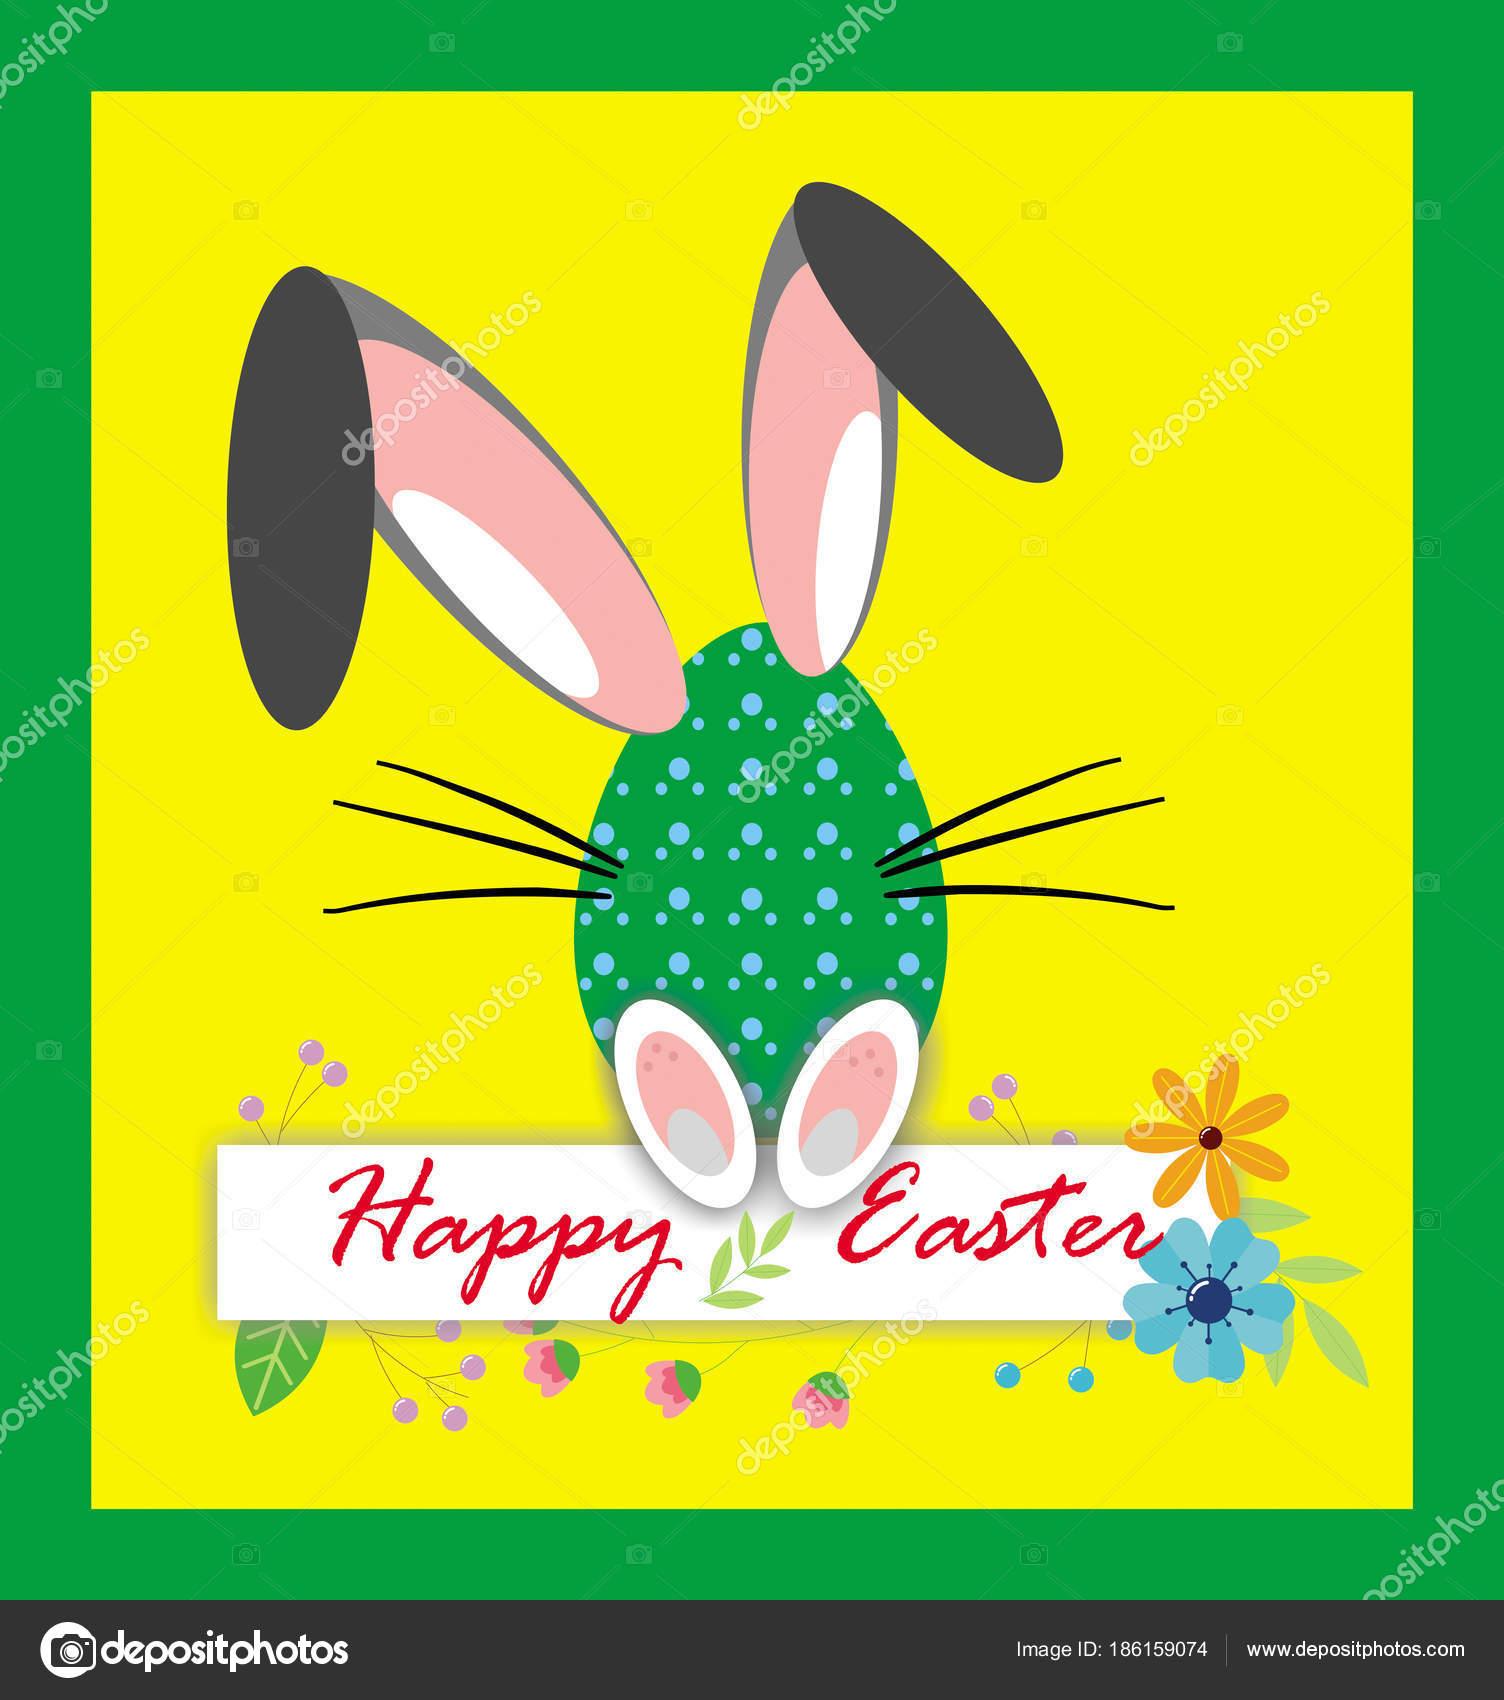 Gelbe Karte Lustig.Frohe Ostern Lustige Eiern Clipart Karte Auf Dem Gelben Hintergrund